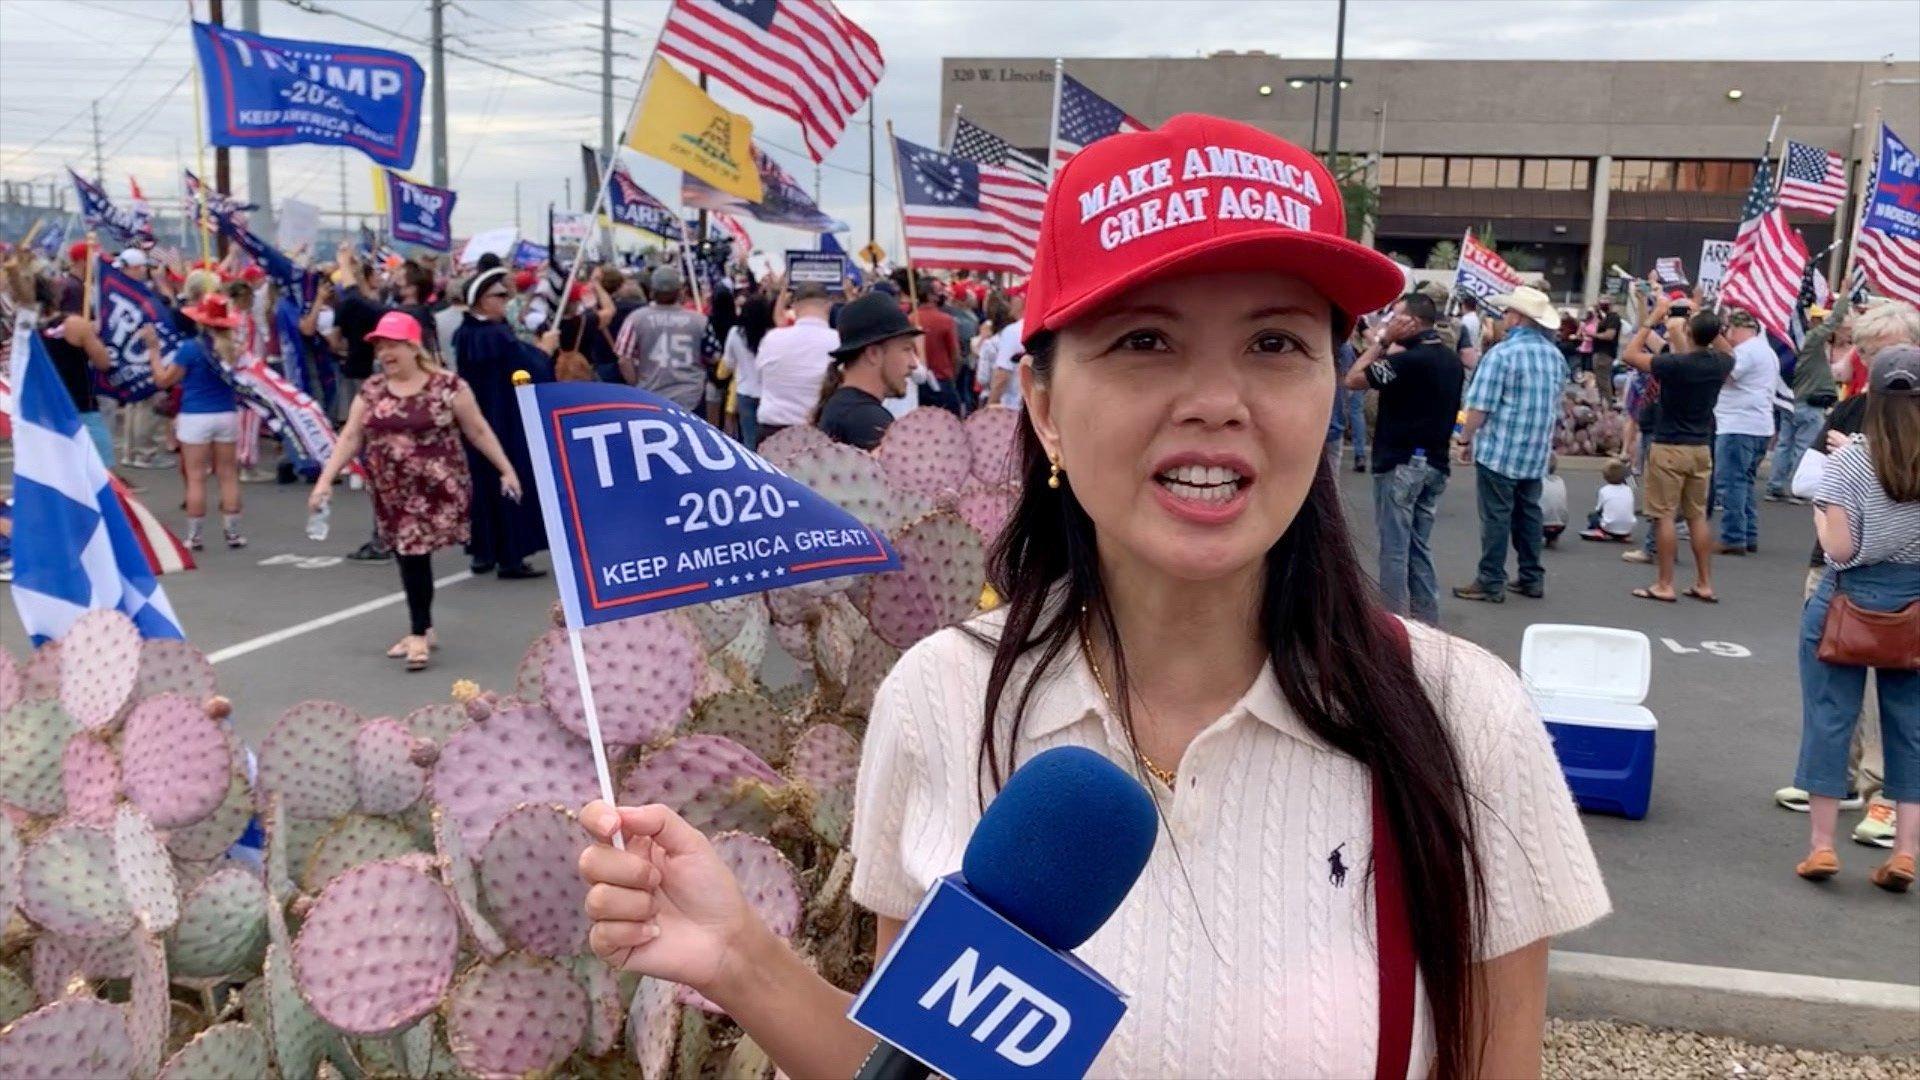 鳳凰城華裔選民張女士認為此次選舉弊案是沒有餘地的戰爭。(李子文/新唐人)